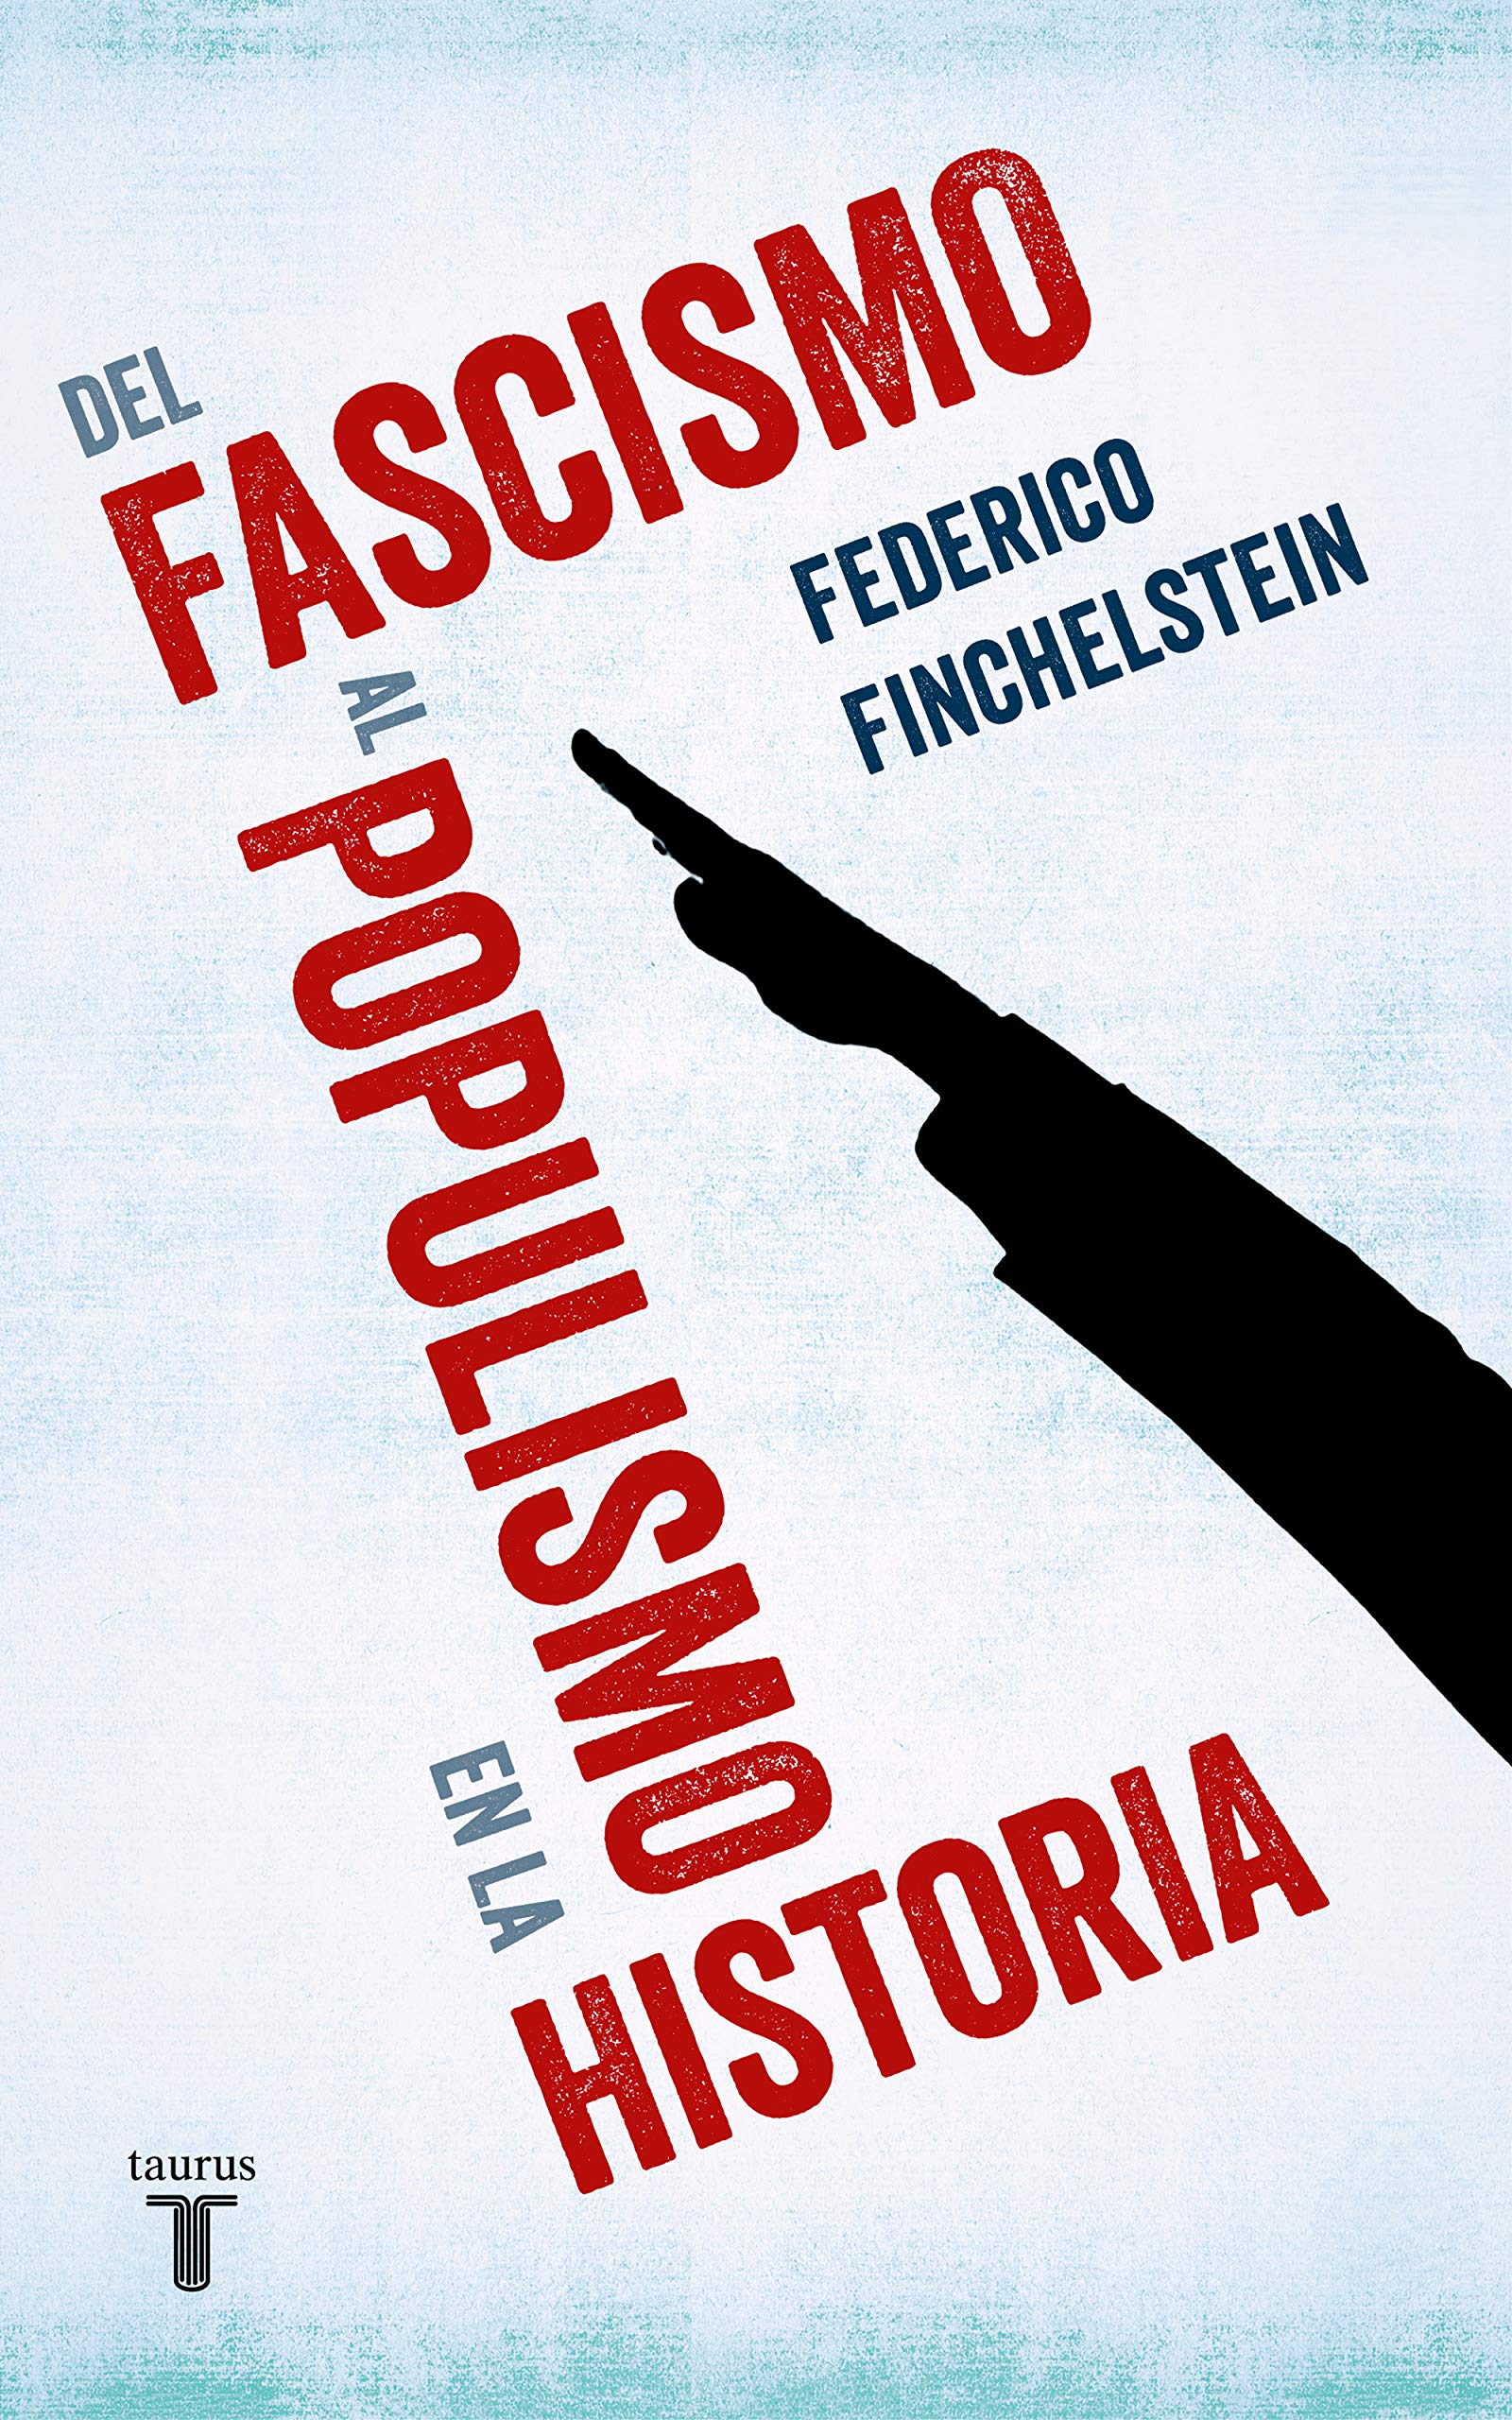 Del fascismo al populismo en la historia Pensamiento: Amazon.es: Finchelstein, Federico: Libros